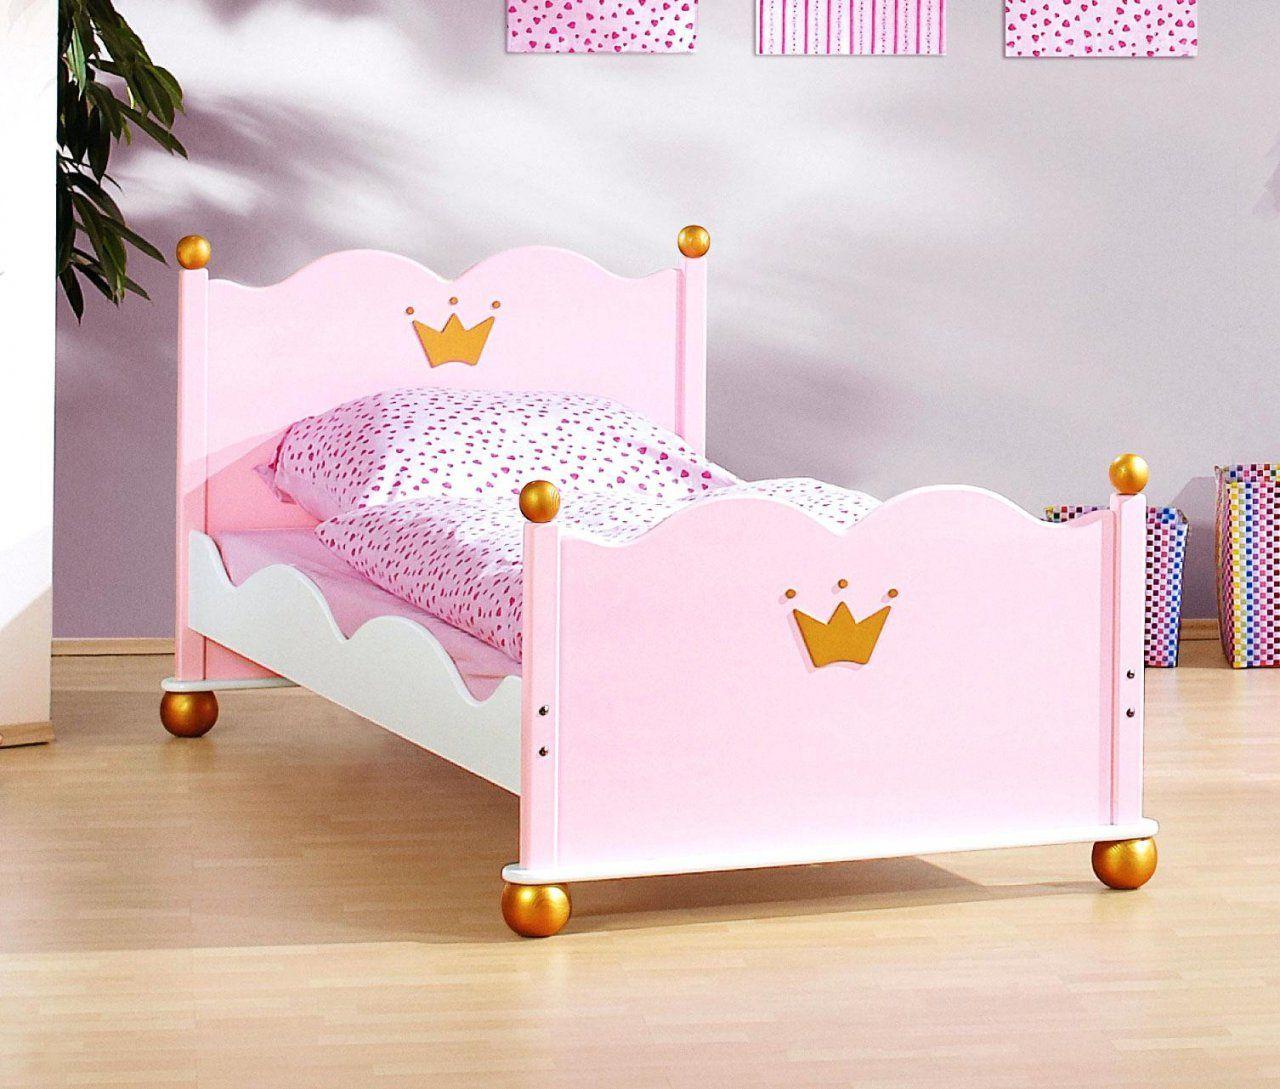 Hochbett Selber Bauen 90×200 Finest Kinderbett Mdchen Bett von Prinzessin Bett Selber Bauen Photo